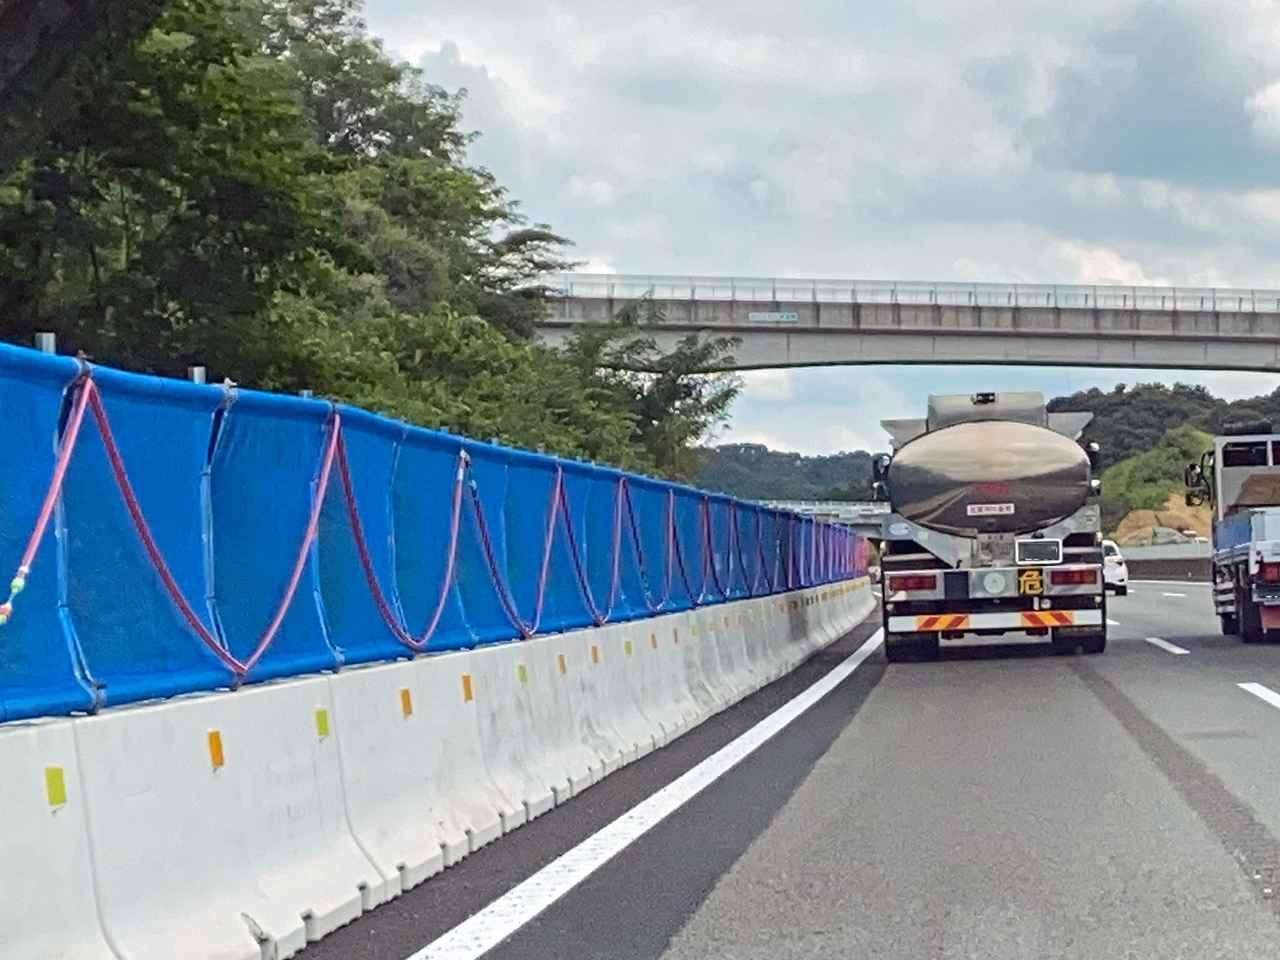 【高速道路情報】新名神を2021年5月から車線規制。6車線化の工事は時間帯を限定して実施予定